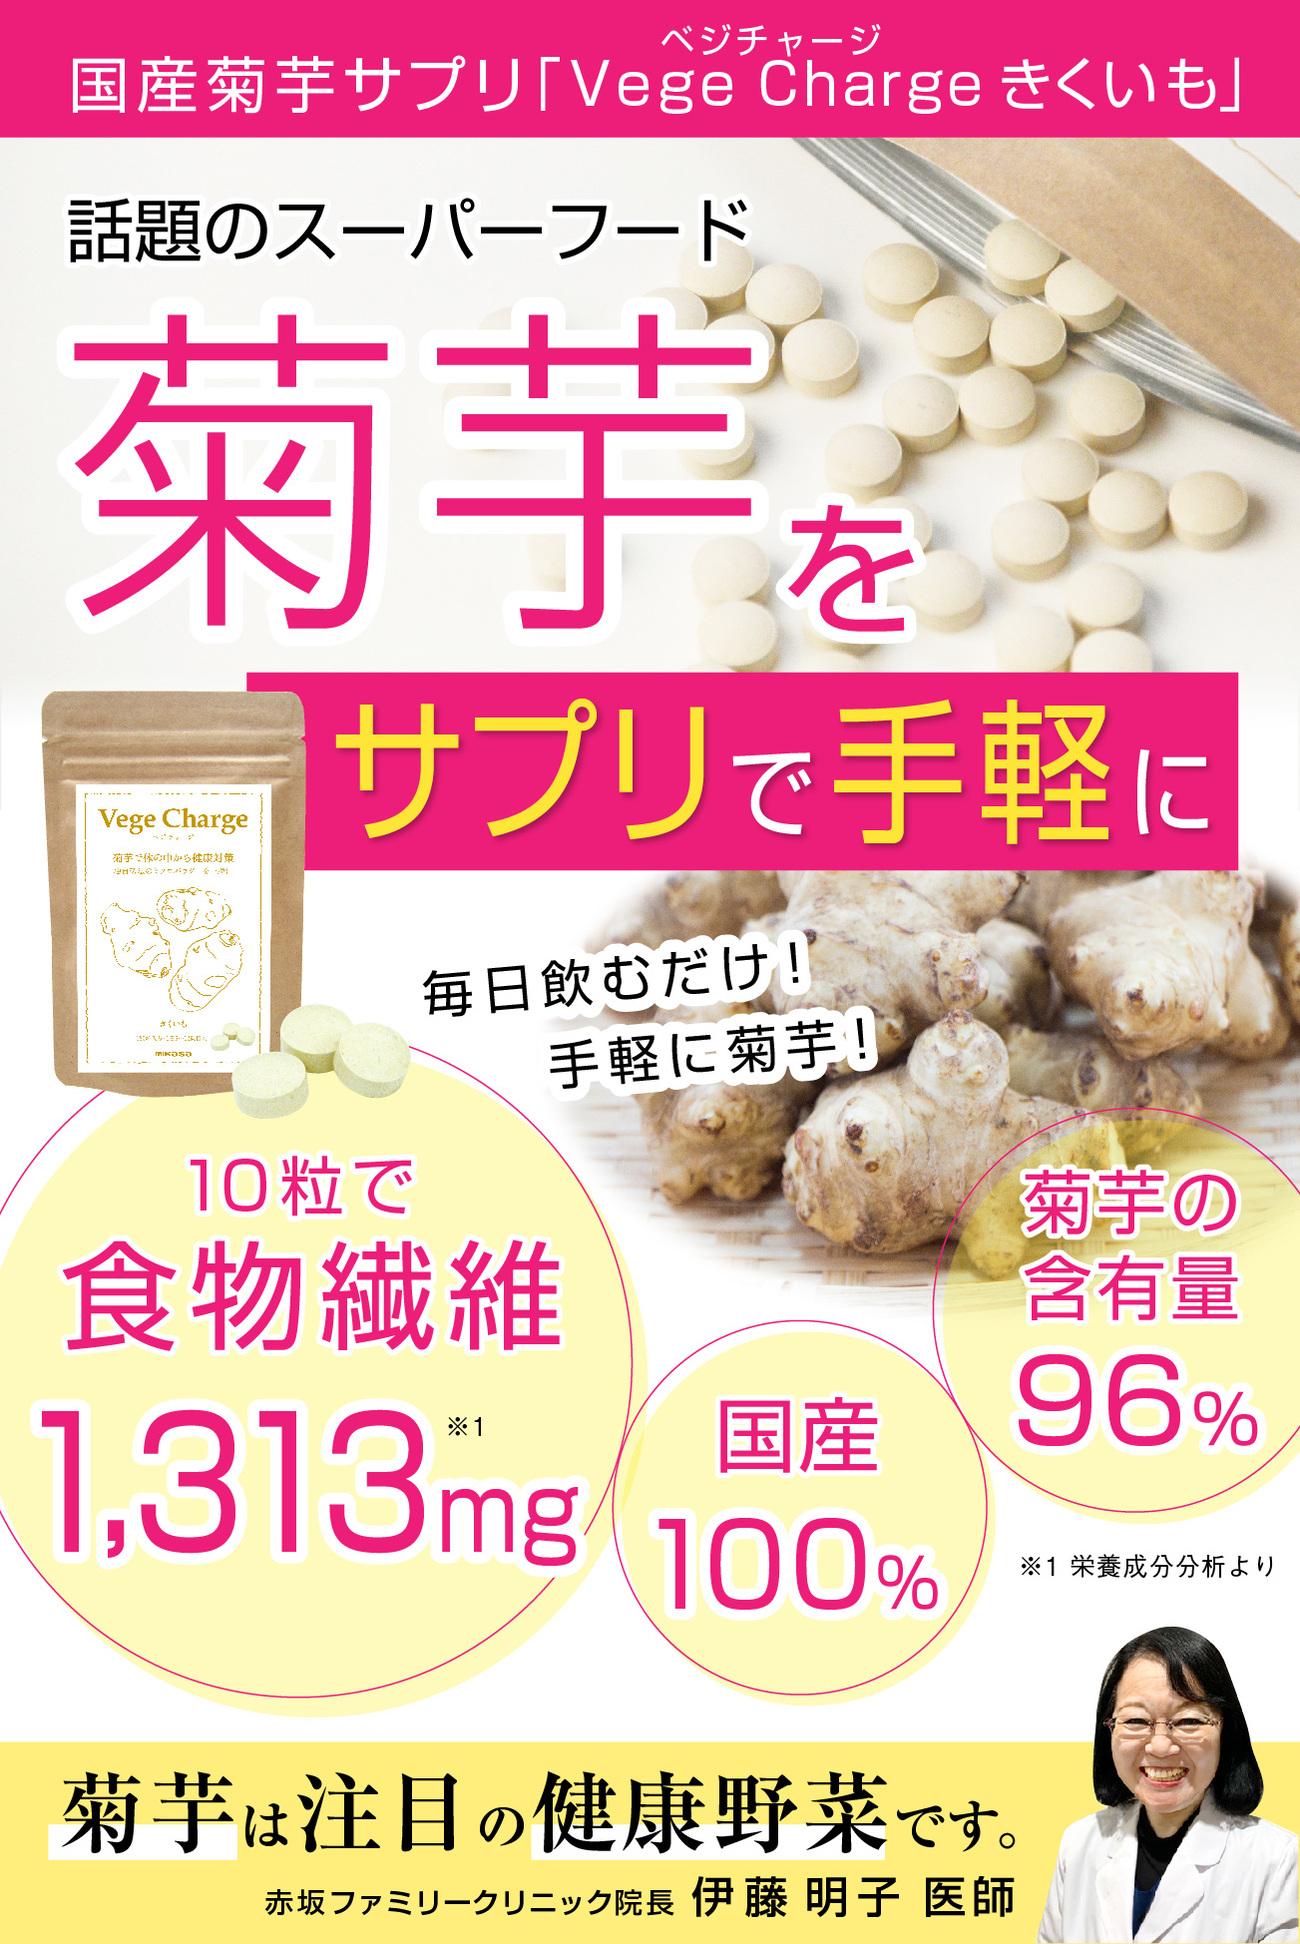 国産菊芋サプリ「Vege Charge きくいも」話題のスーパーフード菊芋をサプリで手軽に。10粒で食物繊維1,313mg国産100%菊芋は注目の健康野菜です。